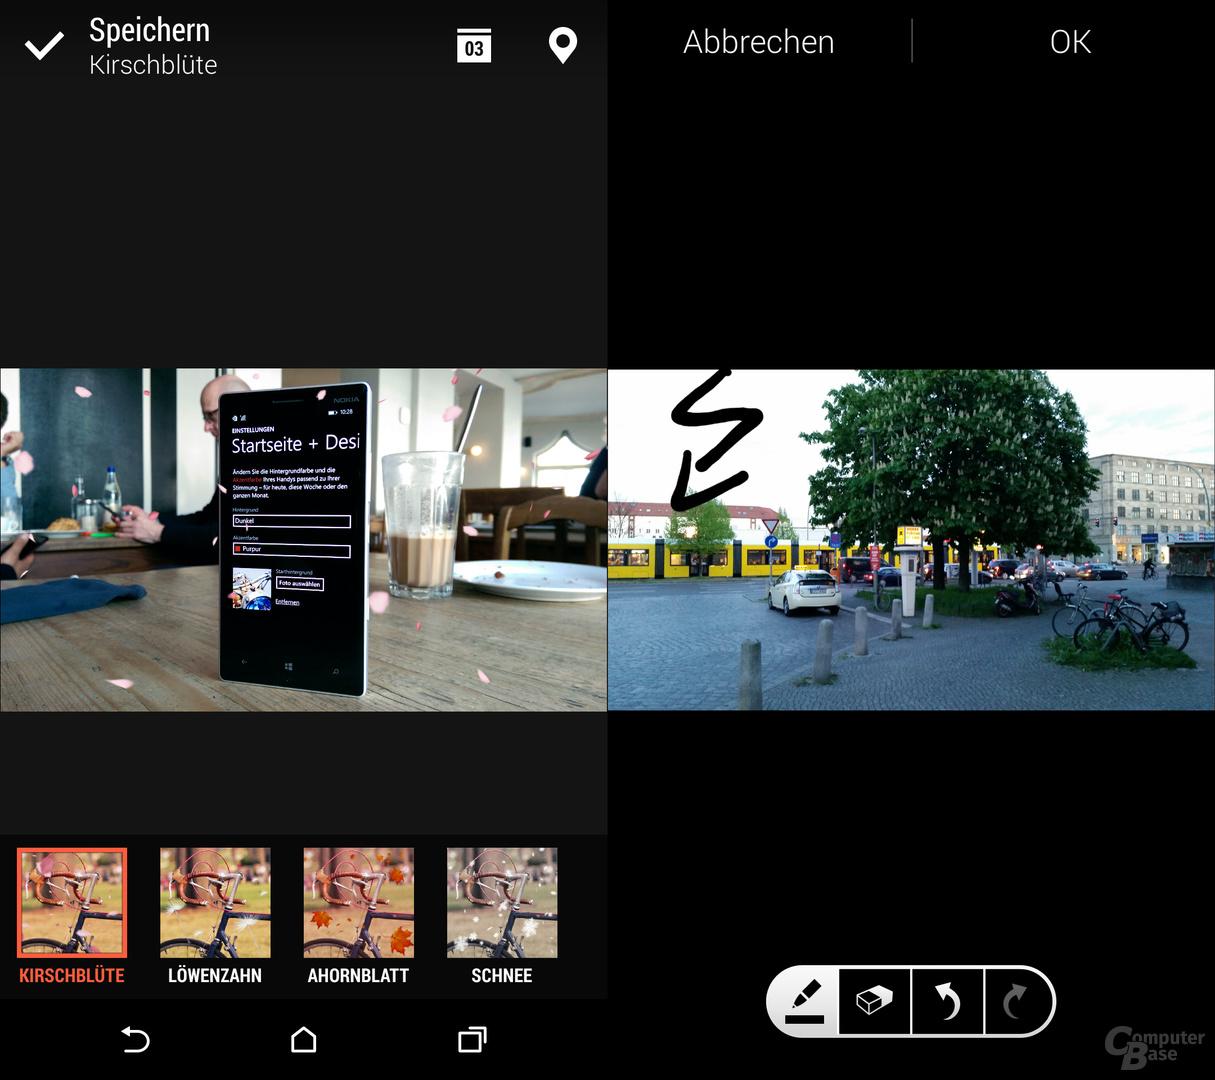 HTC One (M8) & Samsung Galaxy S5: Jahreszeiten & Malen